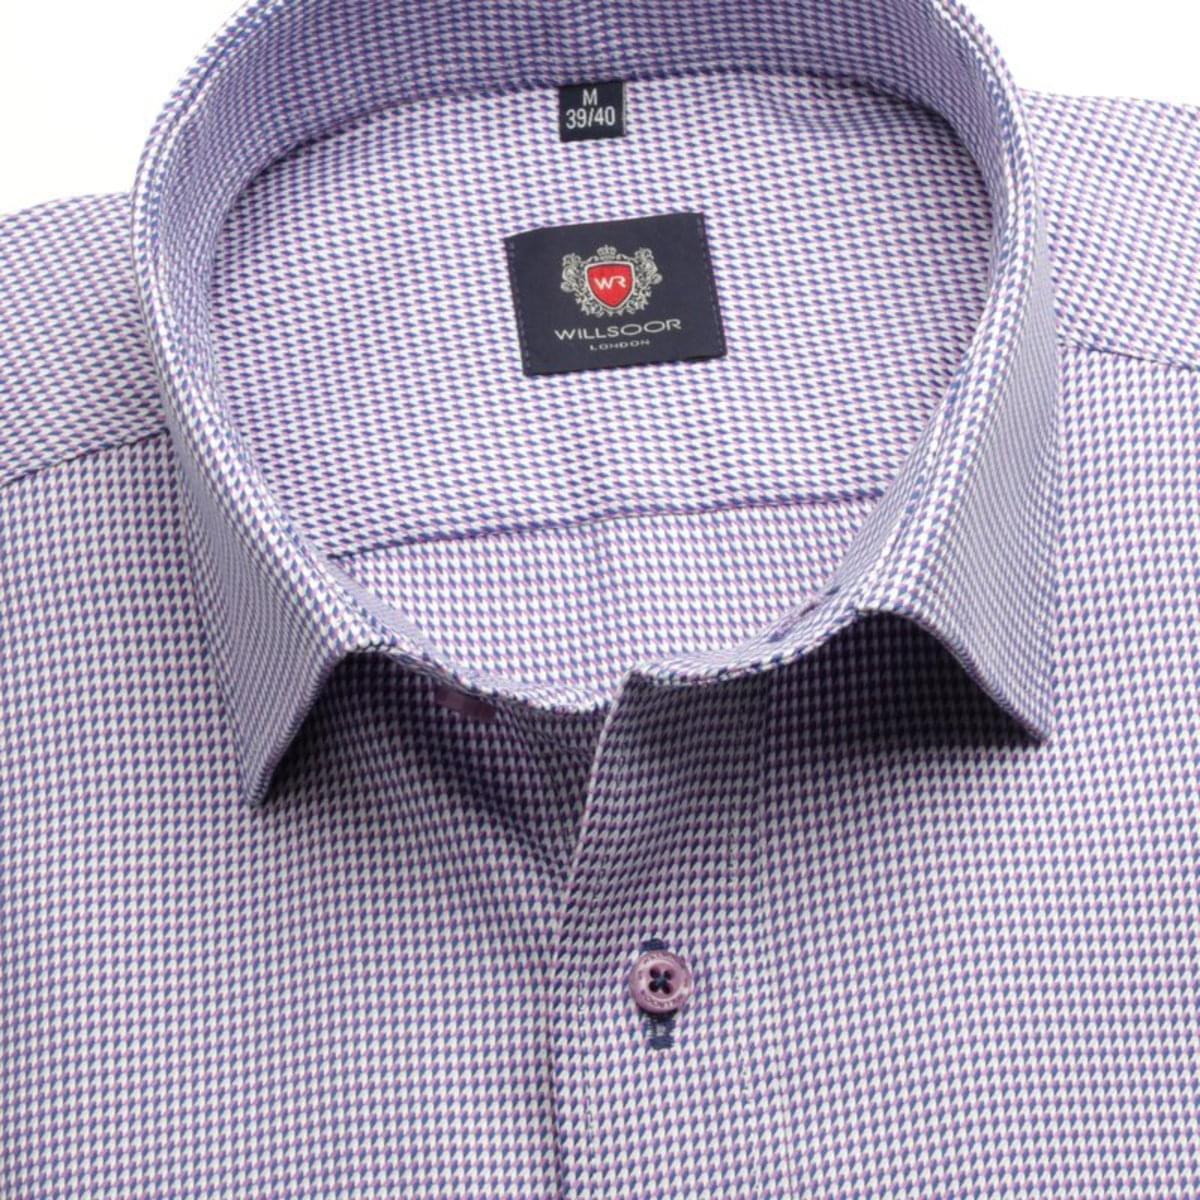 Pánská klasická košile London (výška 176-182) 7137 růžové barvě s formulí Easy Care 176-182 / L (41/42)